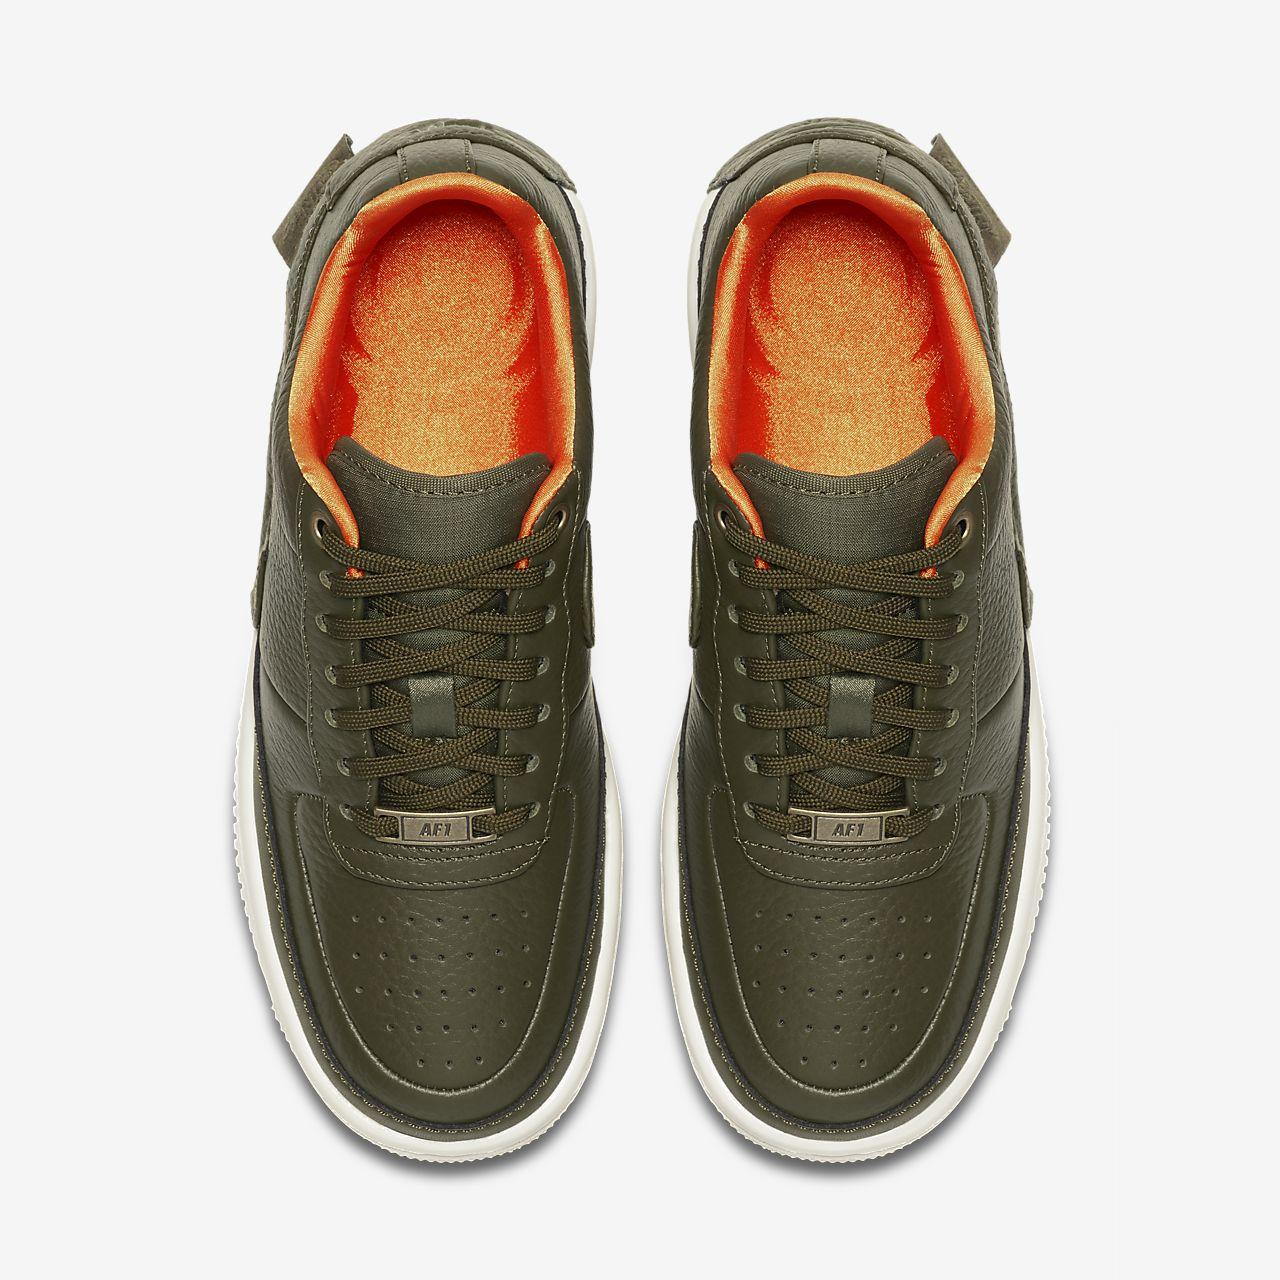 scarpe nike air force 1 olive